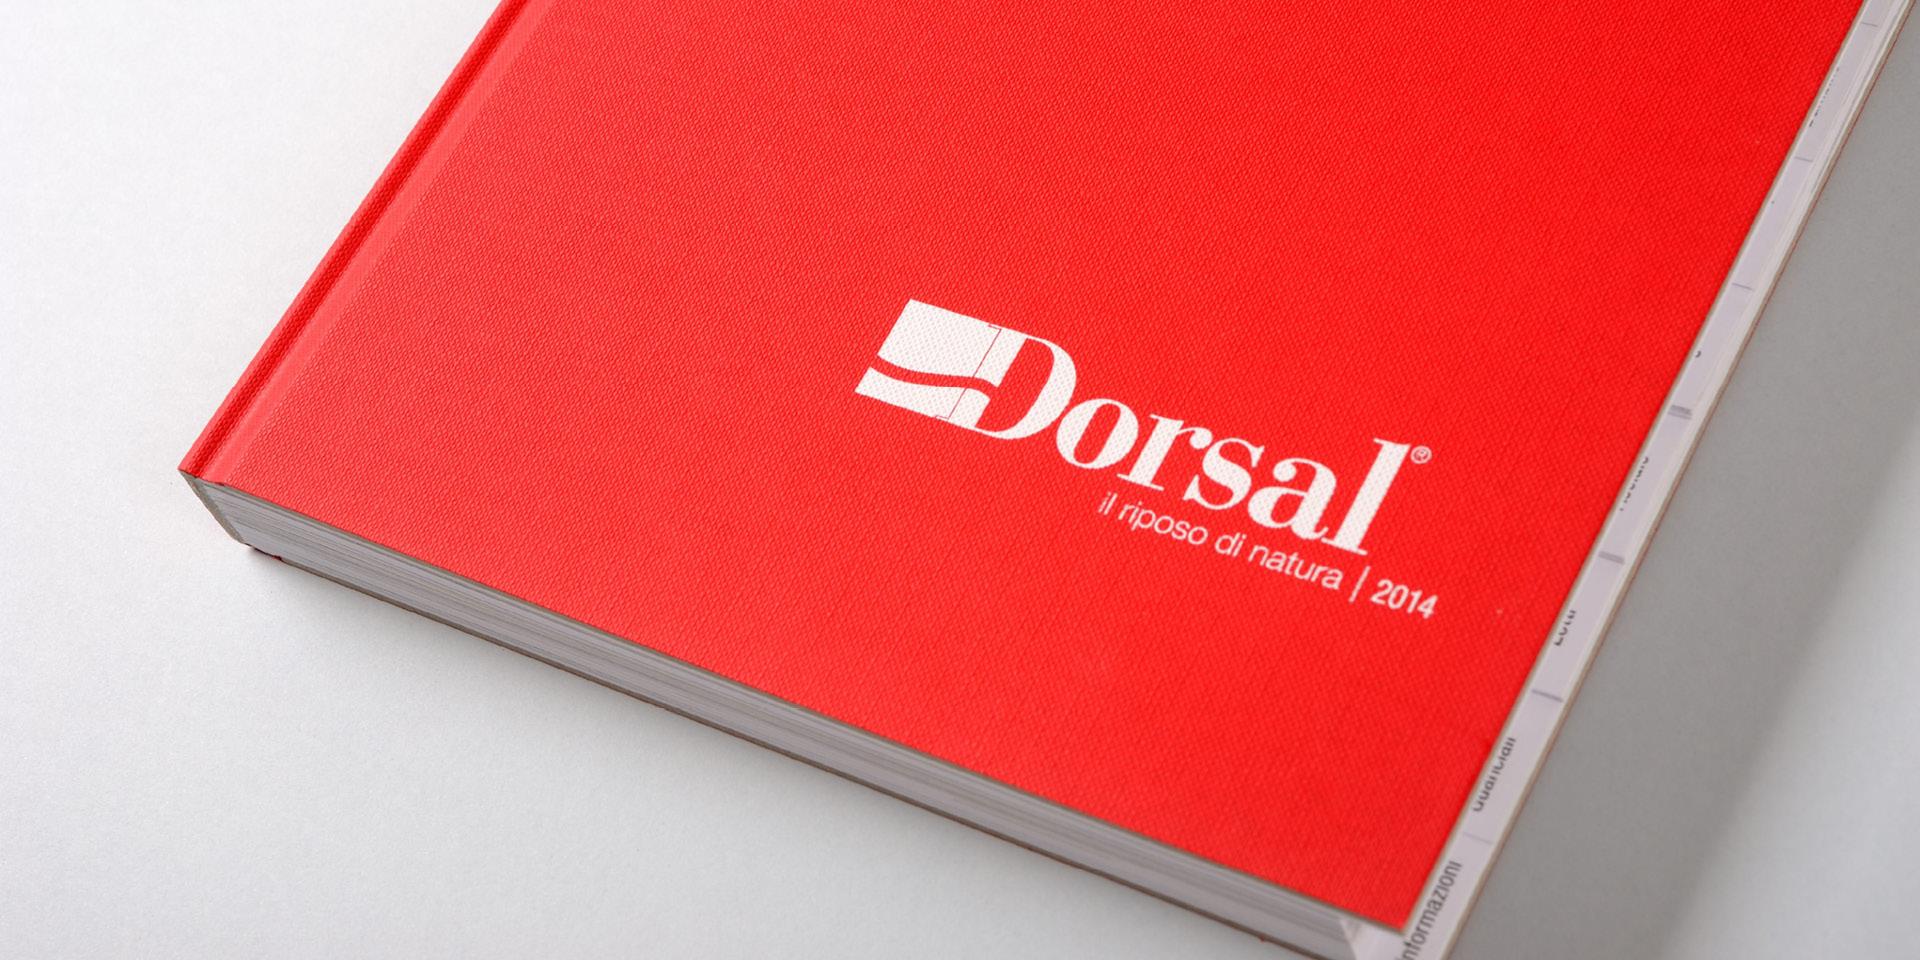 Catalogo generale e App Dorsal